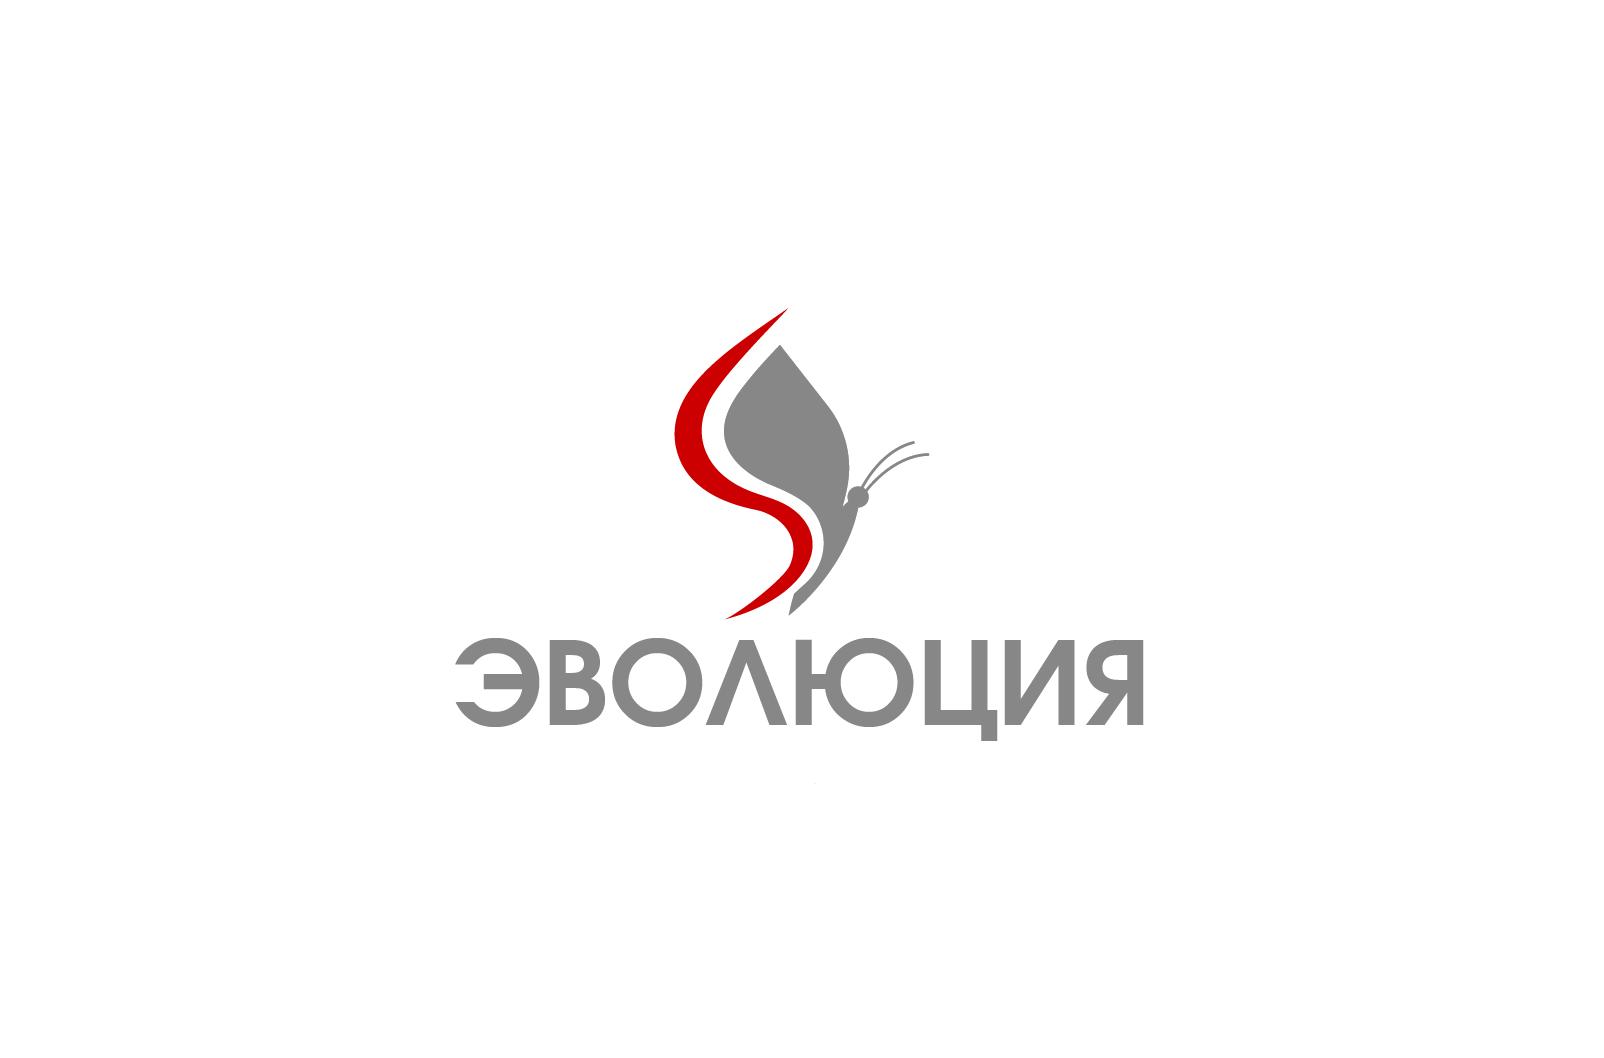 Разработать логотип для Онлайн-школы и сообщества фото f_4475bc5b650e335f.png